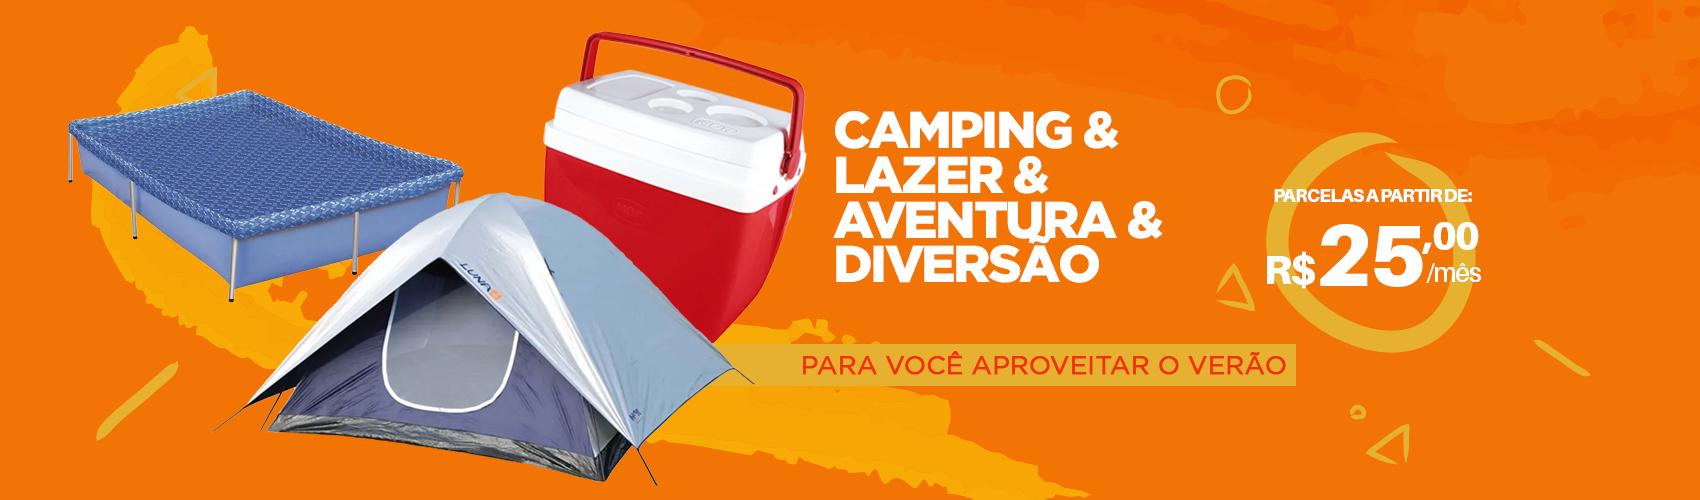 CAMPING-CASA-LAZER-E-DIVERSÃO